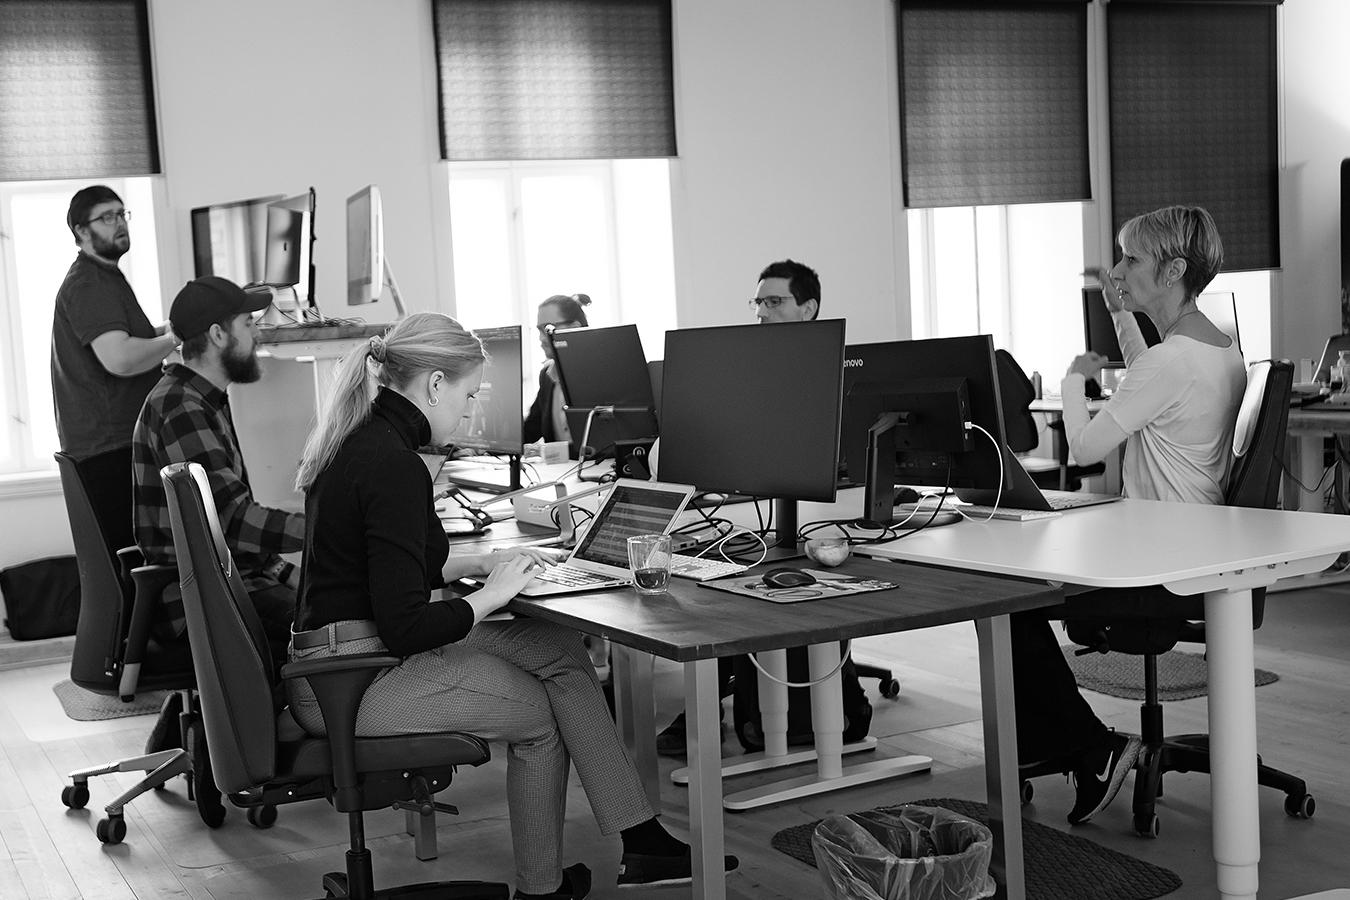 team_working